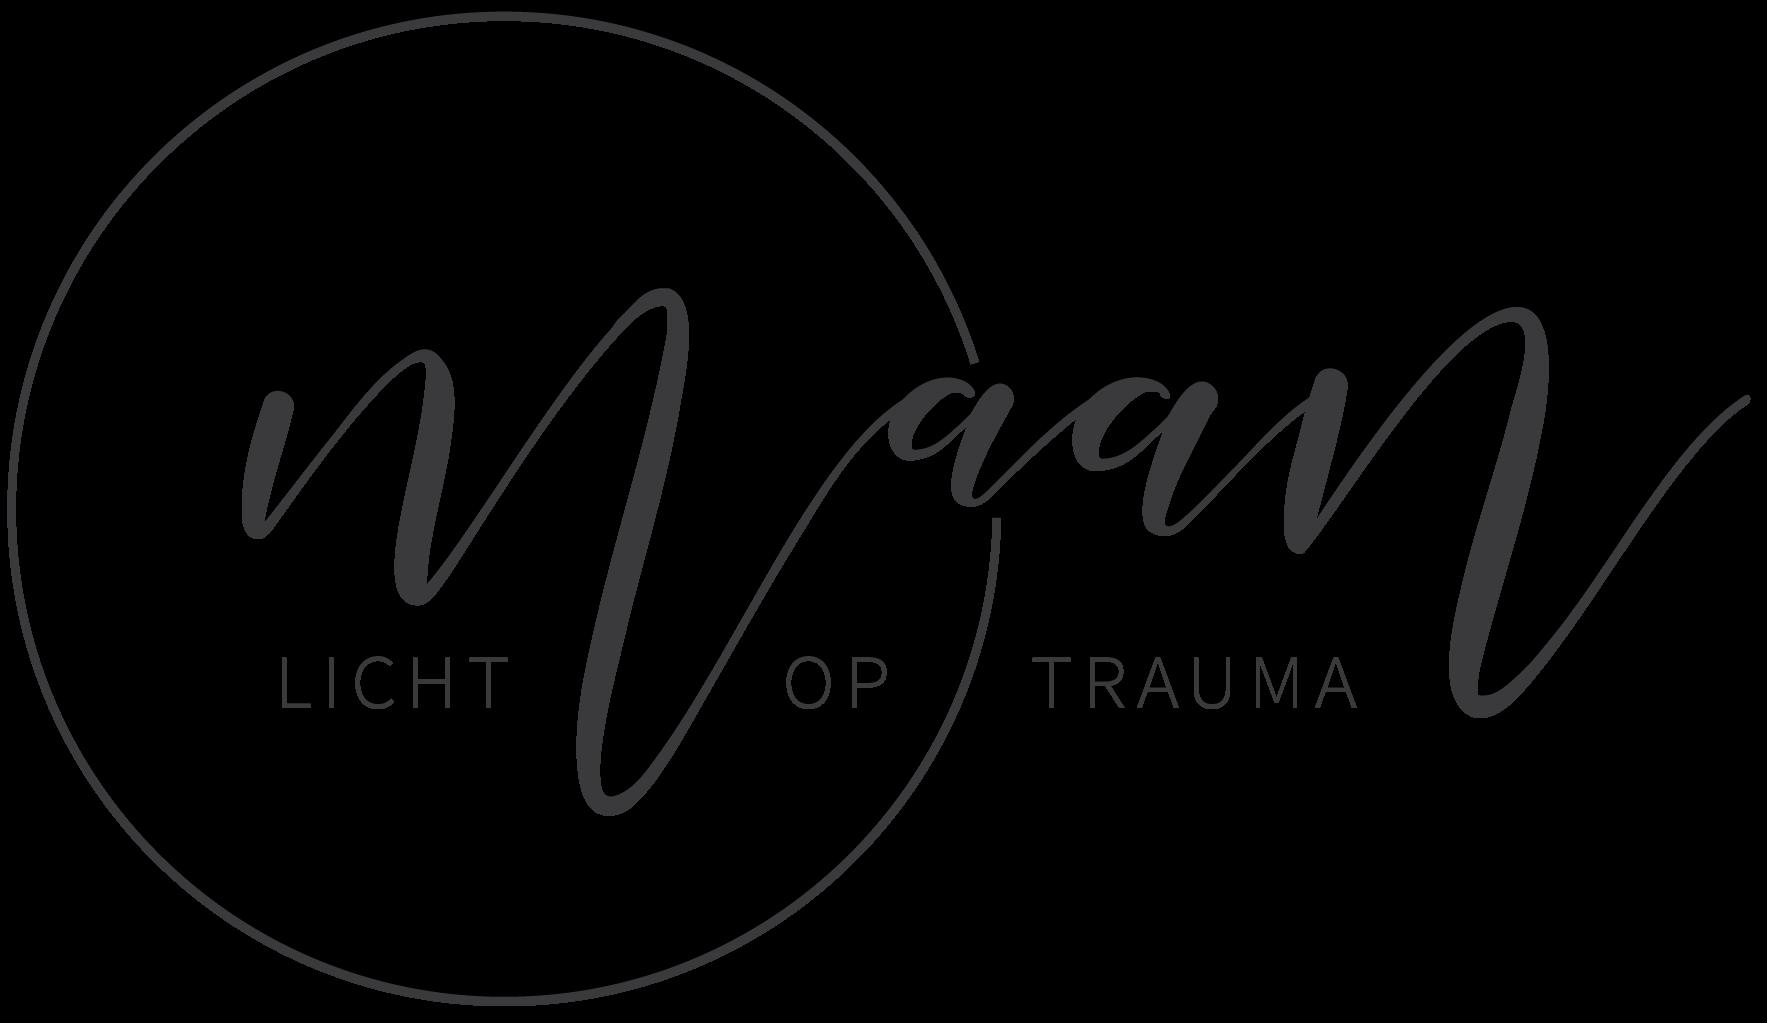 Maan-licht op trauma